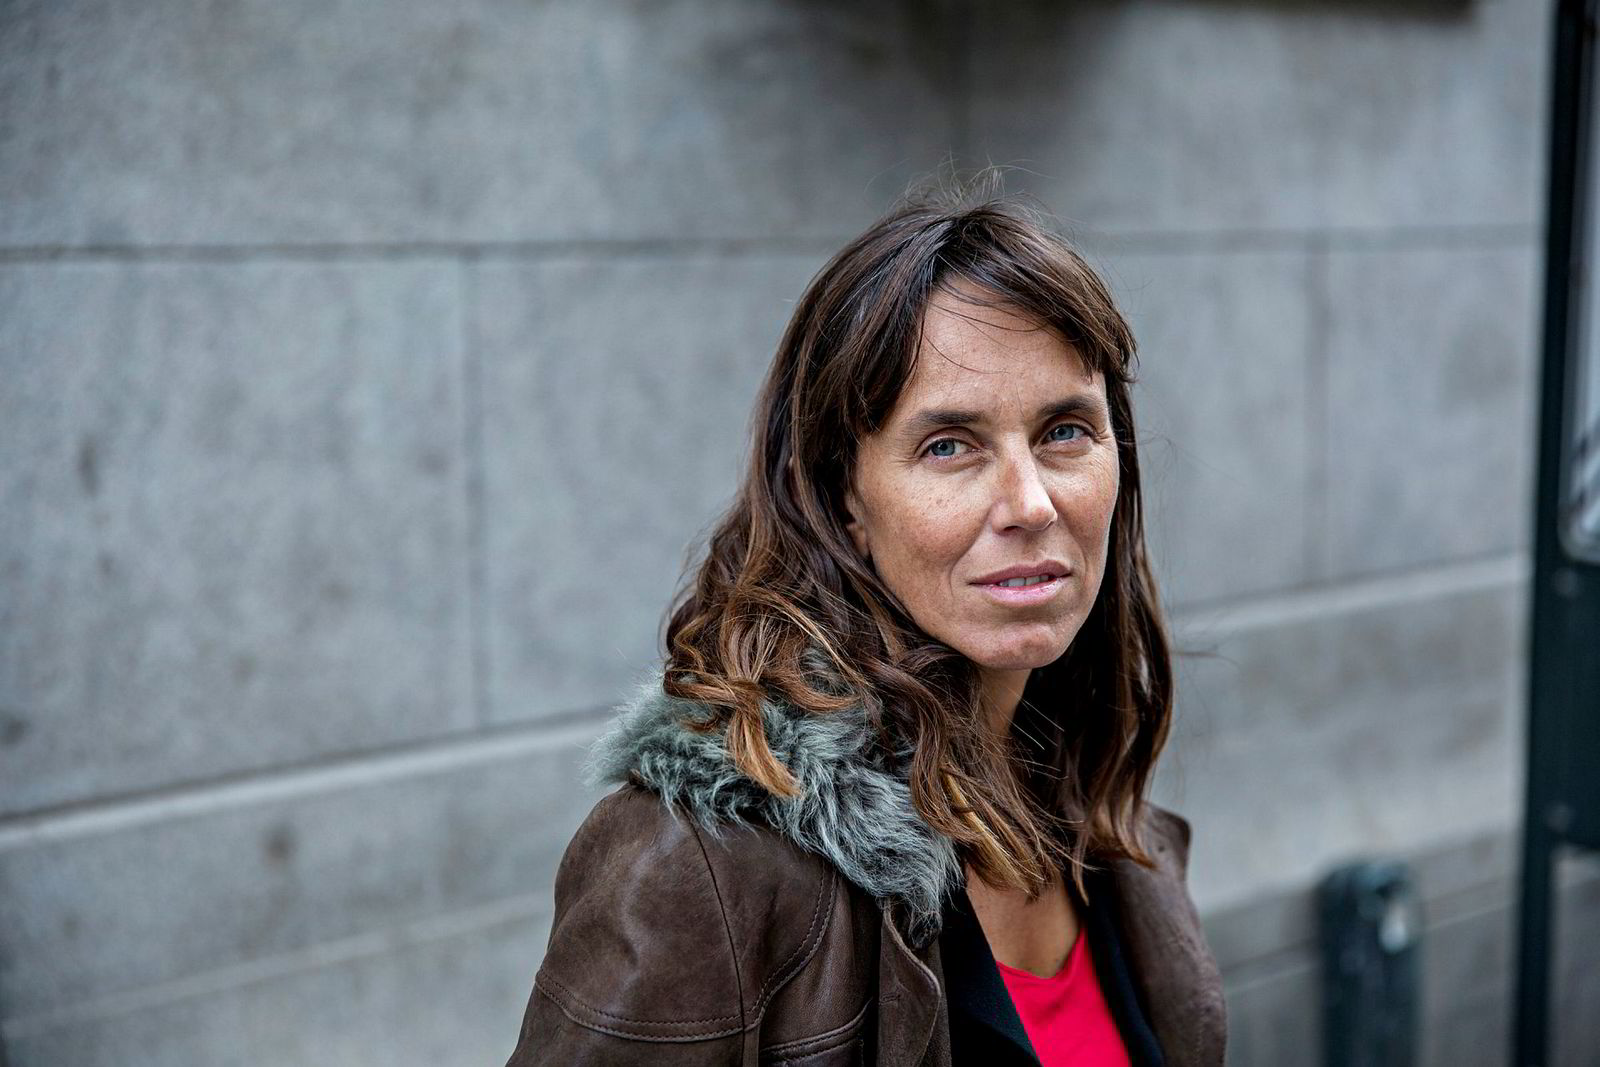 Bettina Banoun, partner i Wiersholm, mener det er viktig å jobbe aktivt mot diskriminering da man ikke kan forvente at den som er rammet vil varsle selv, fordi de kan være redde for konsekvensene for sin egen del.